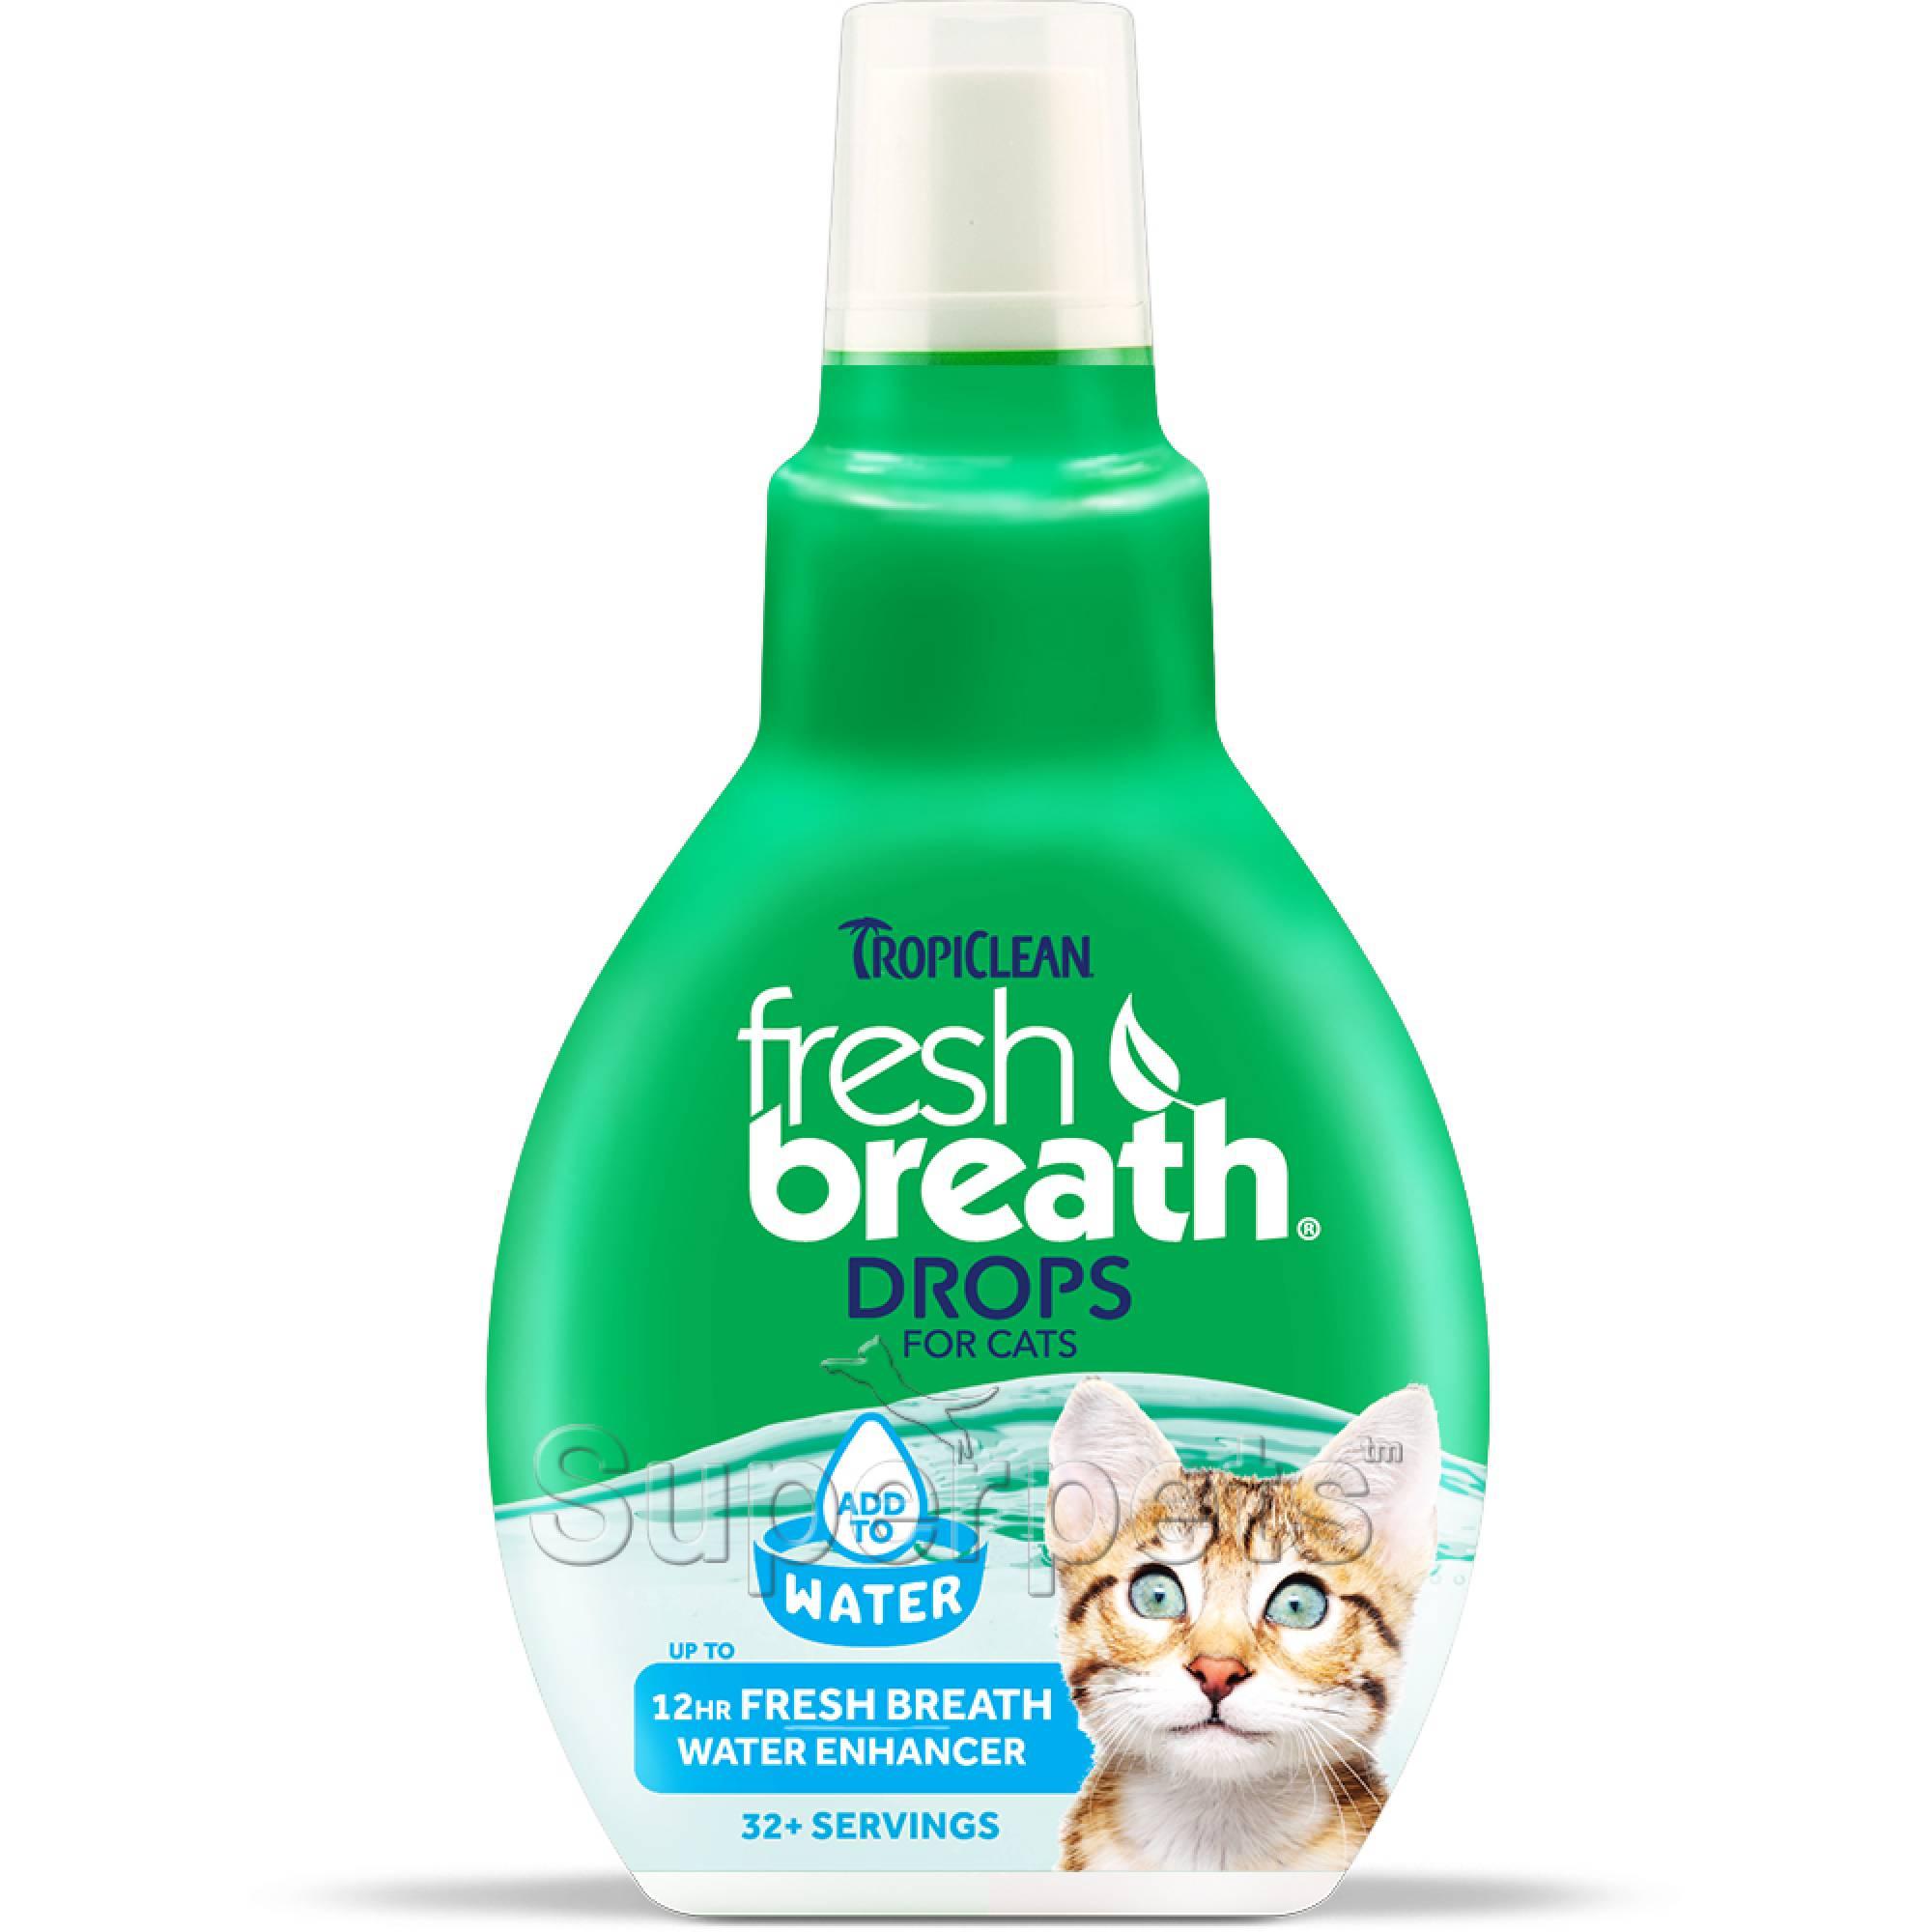 Tropiclean FRESH BREATH Drops for Cats 2.2oz (65ml)